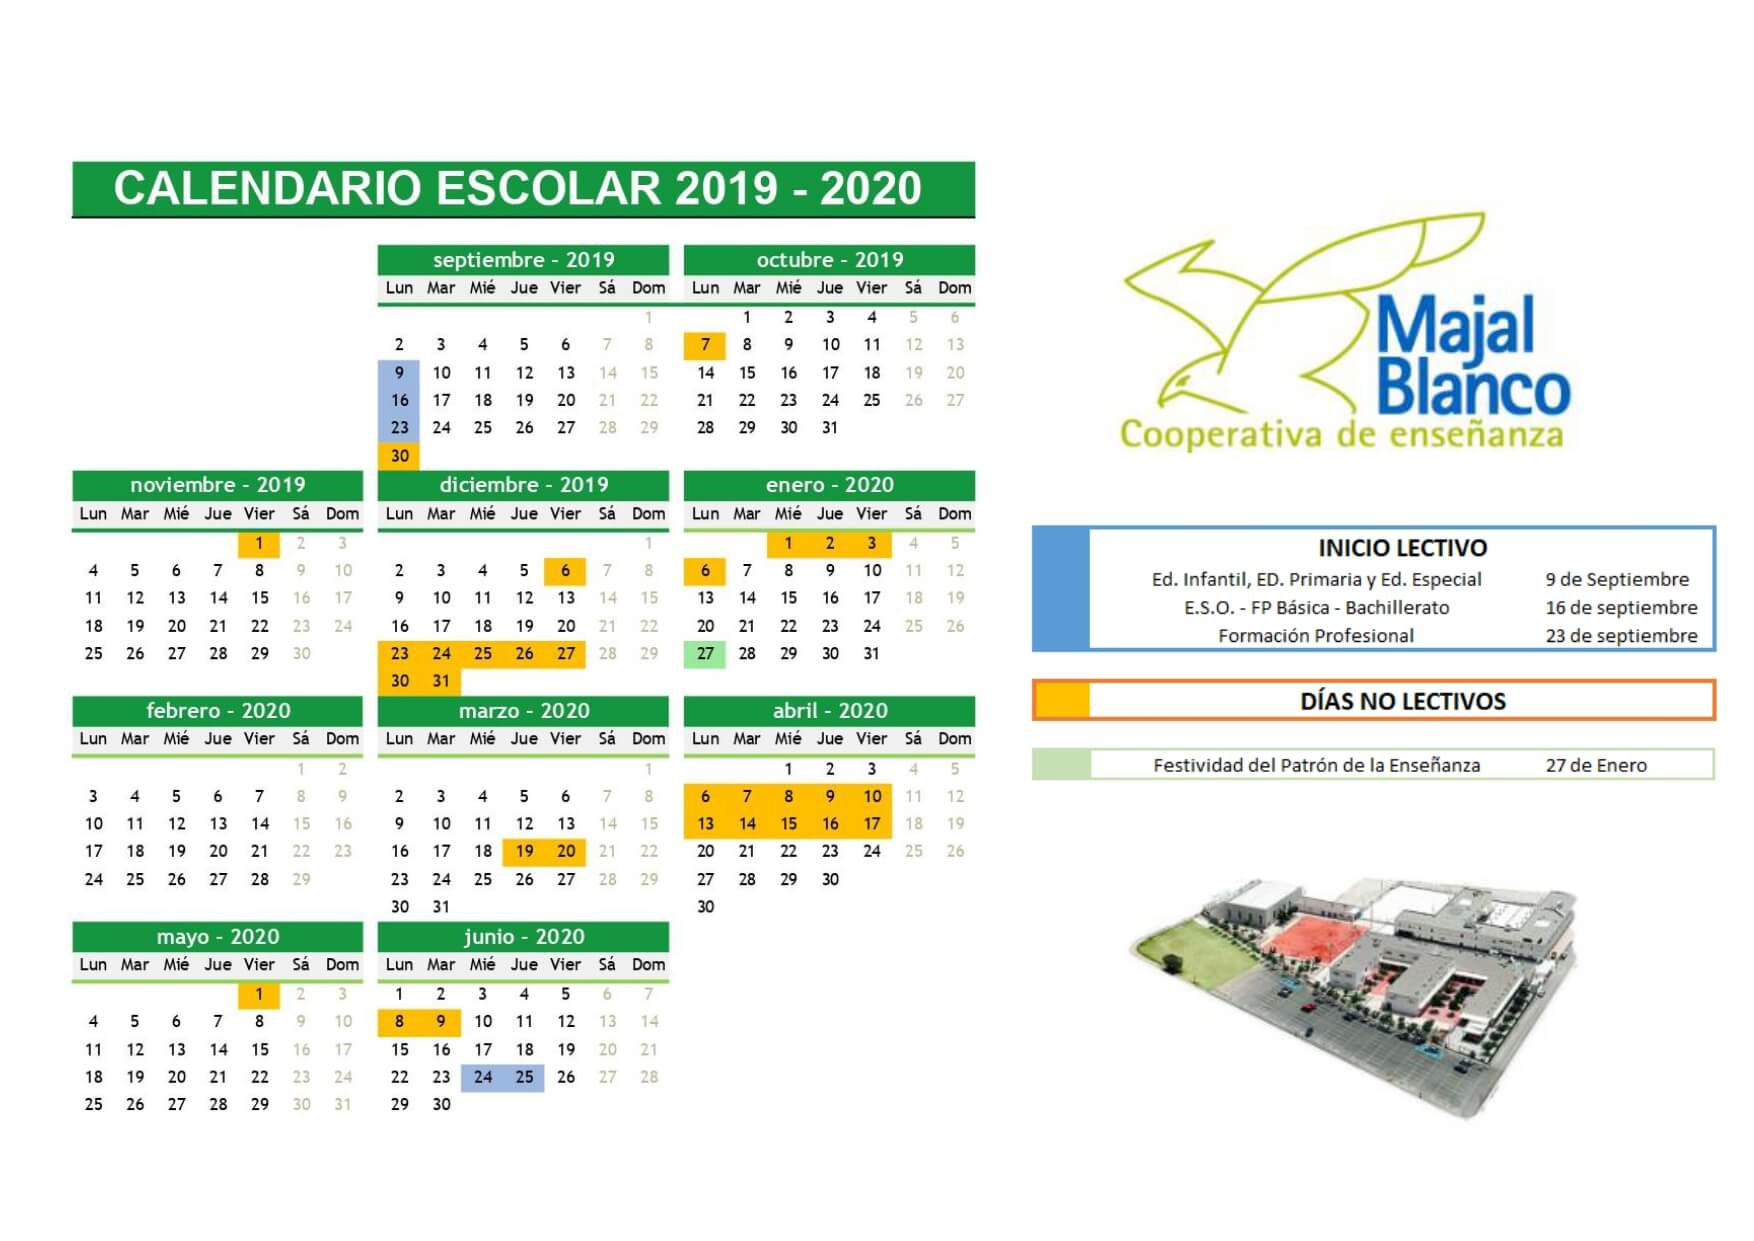 Calendario Escolar Galicia 2020 19.Calendario Escolar Murcia 2020